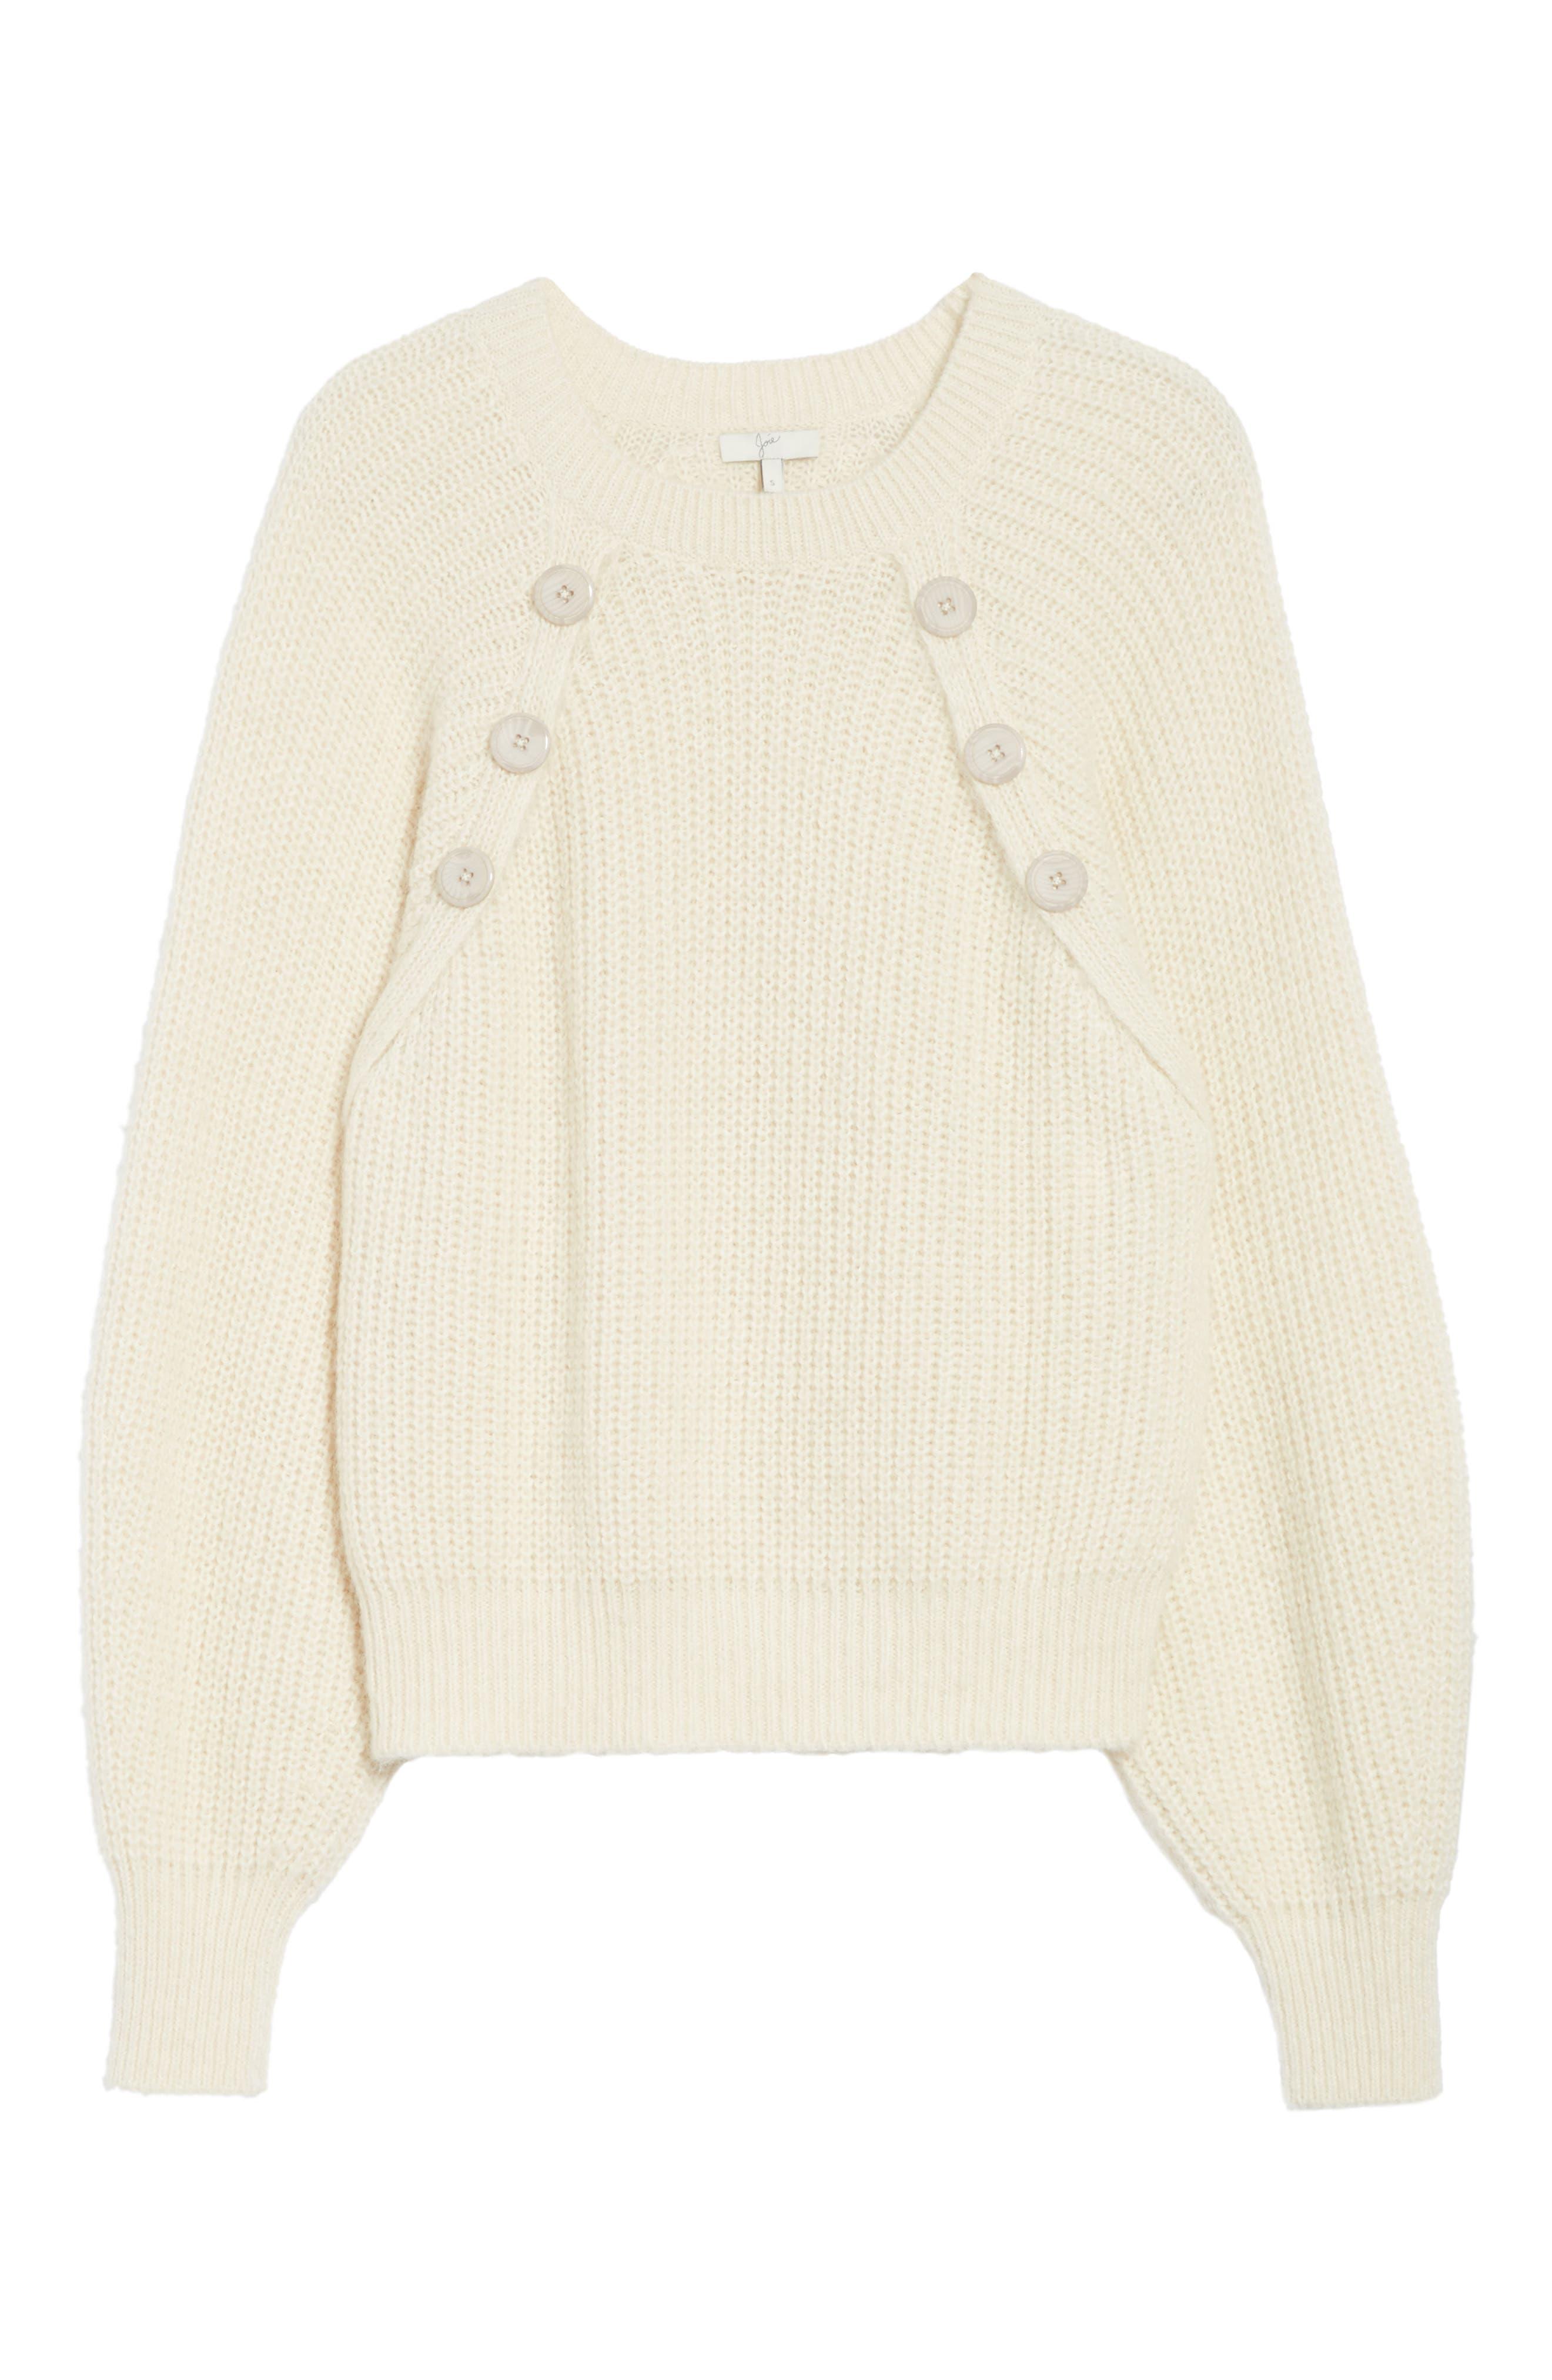 Aine Sweater,                             Alternate thumbnail 6, color,                             Porcelain